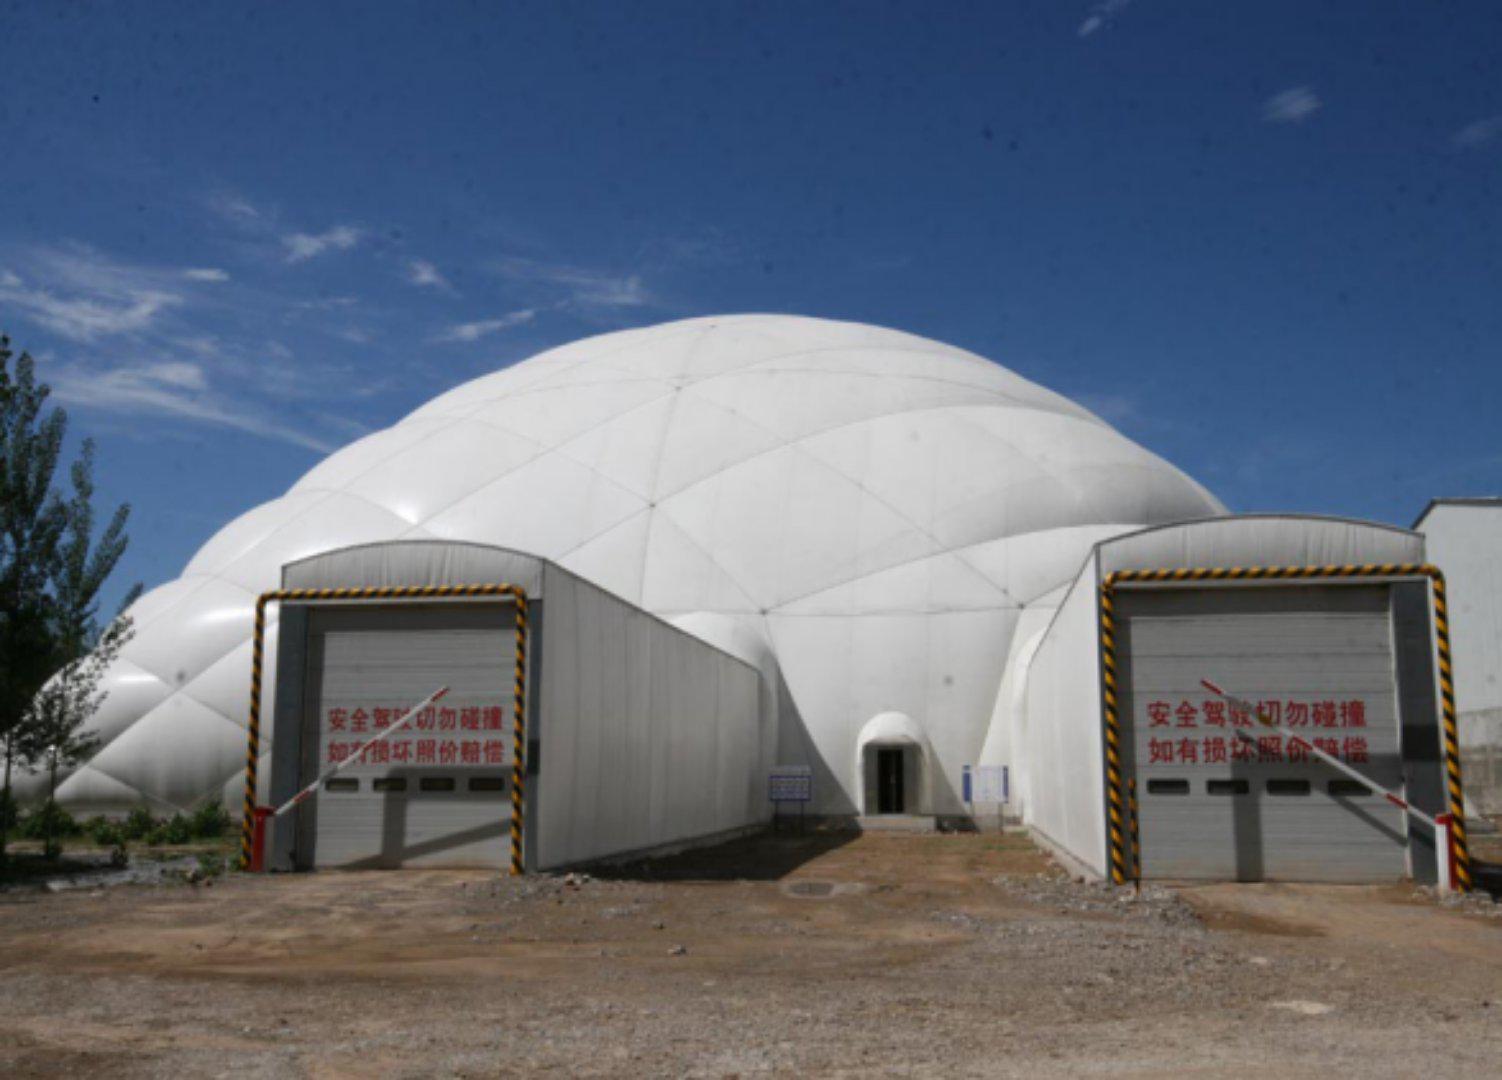 苏州鱼翔环境工程供应可信赖的环境工程  -湖南纳米微气泡除VOC公司